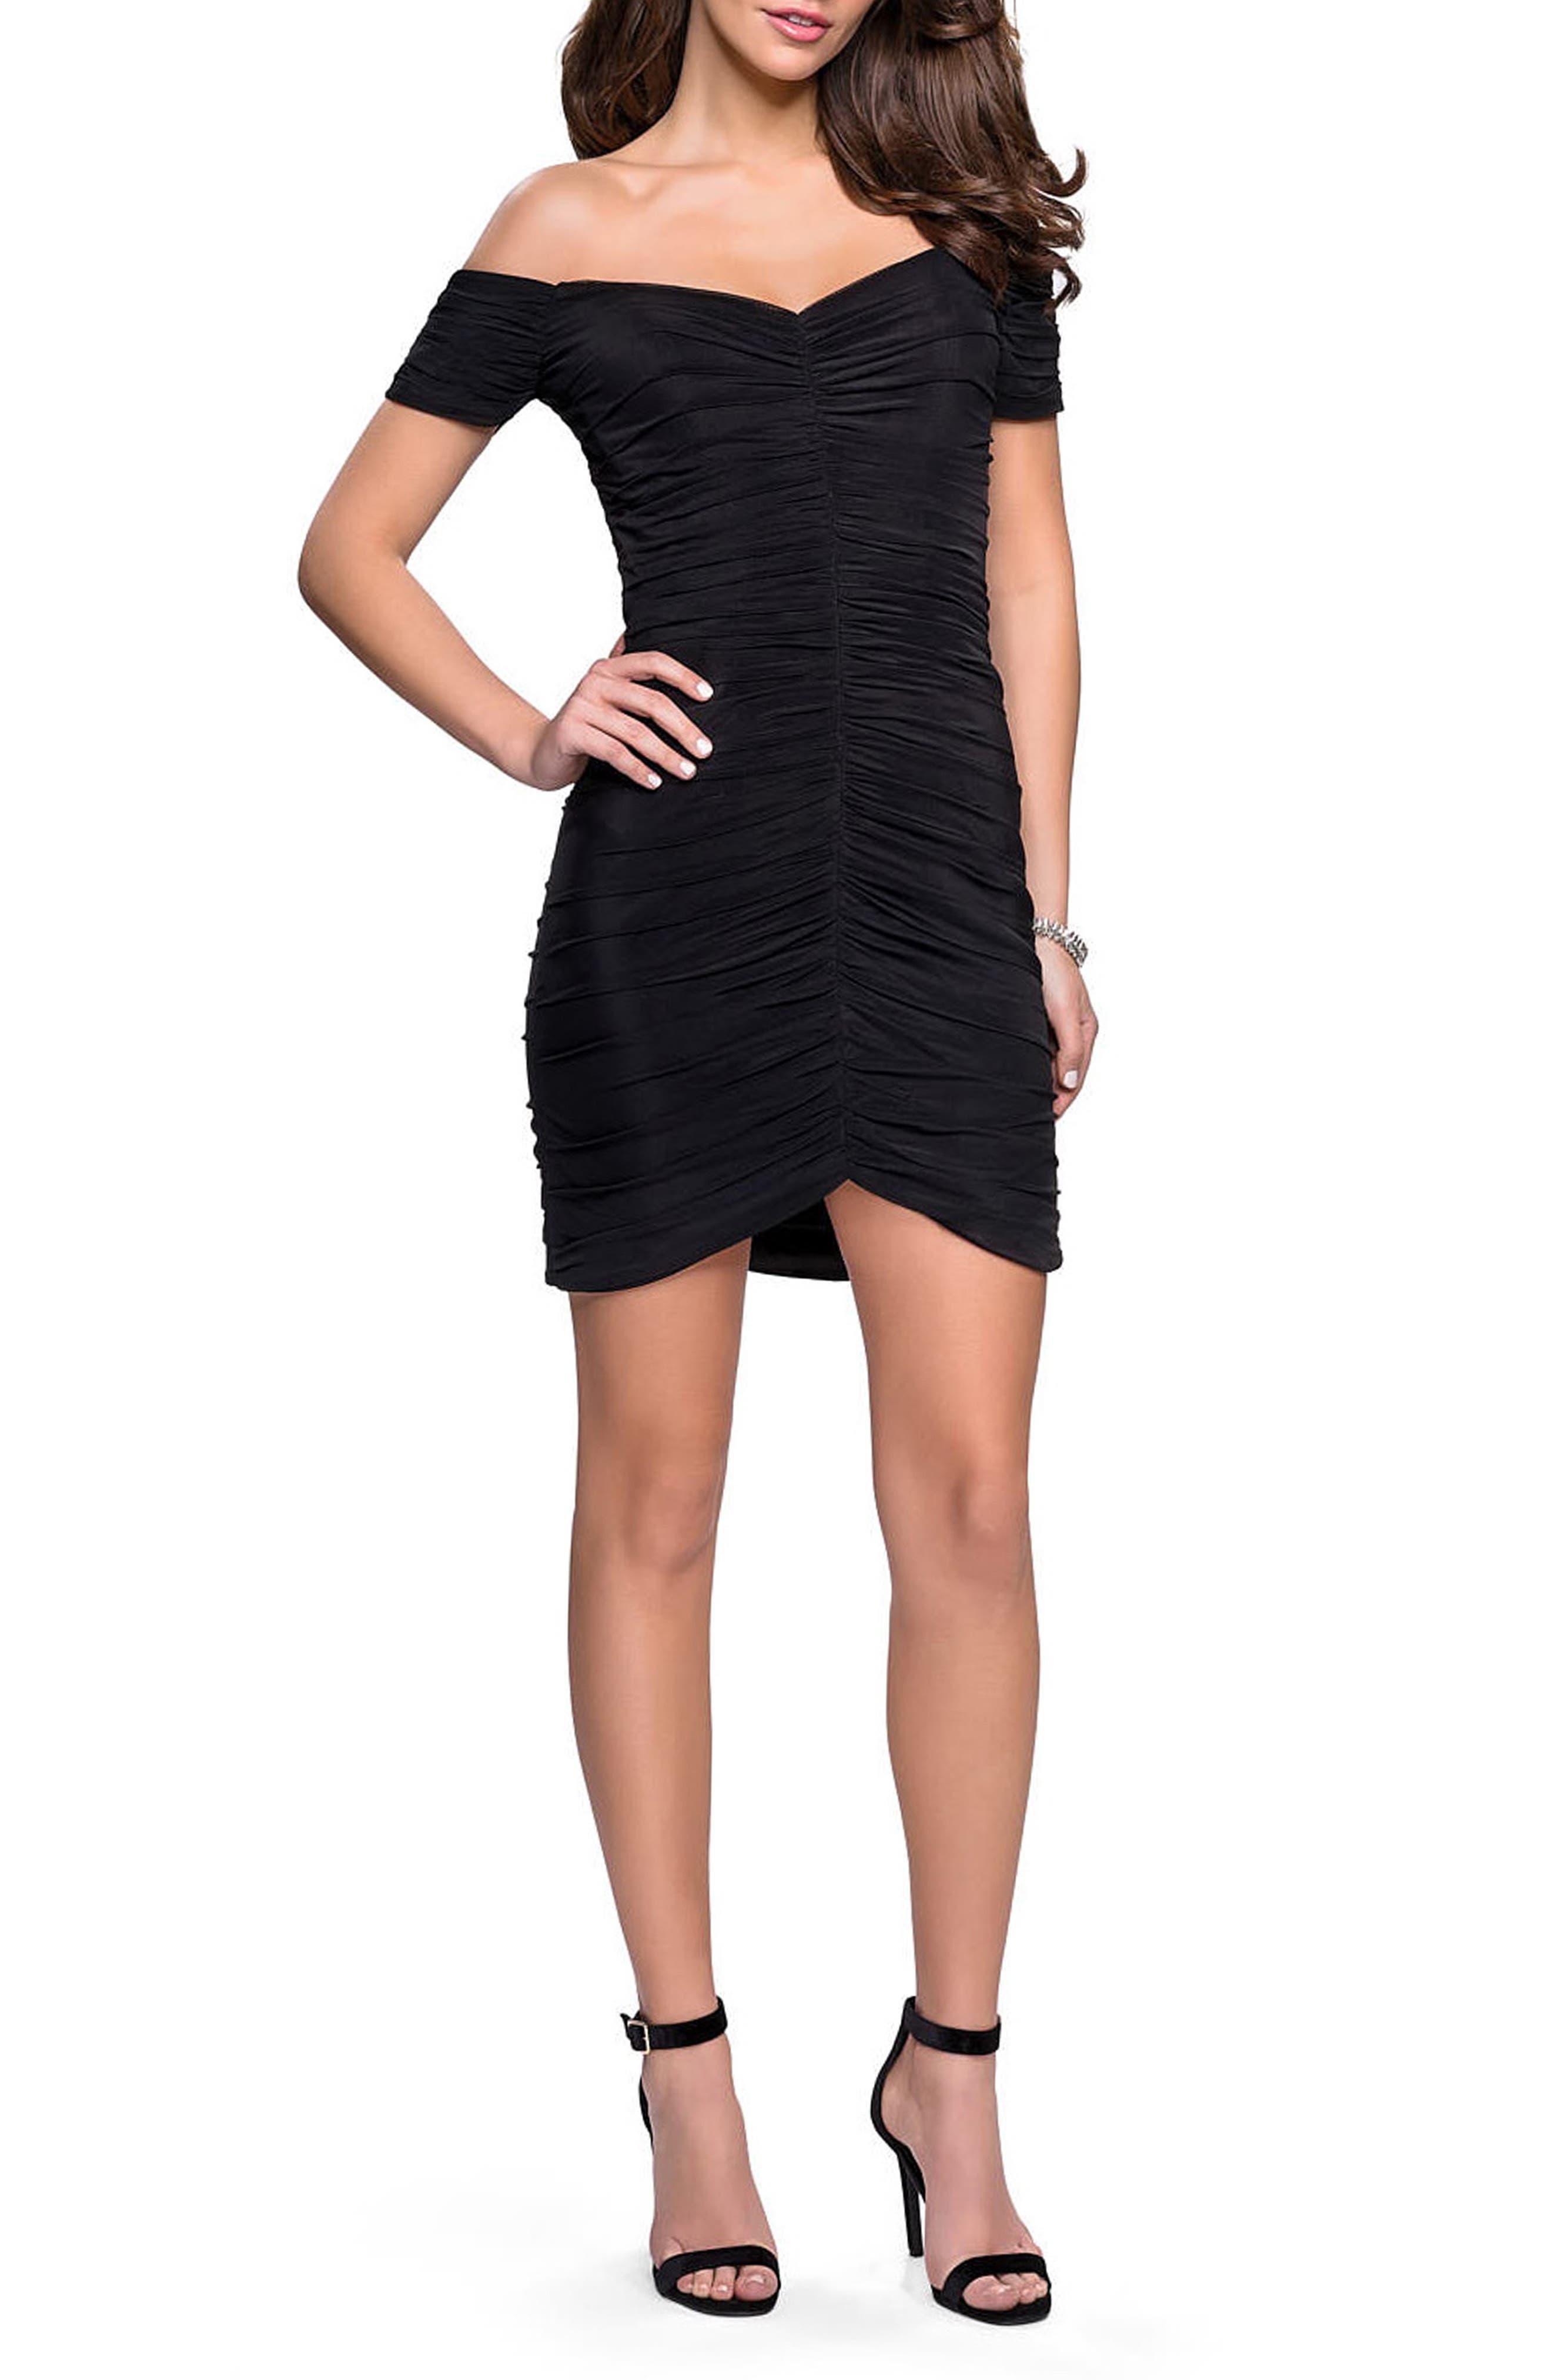 La Femme Off The Shoulder Ruched Party Dress, Black